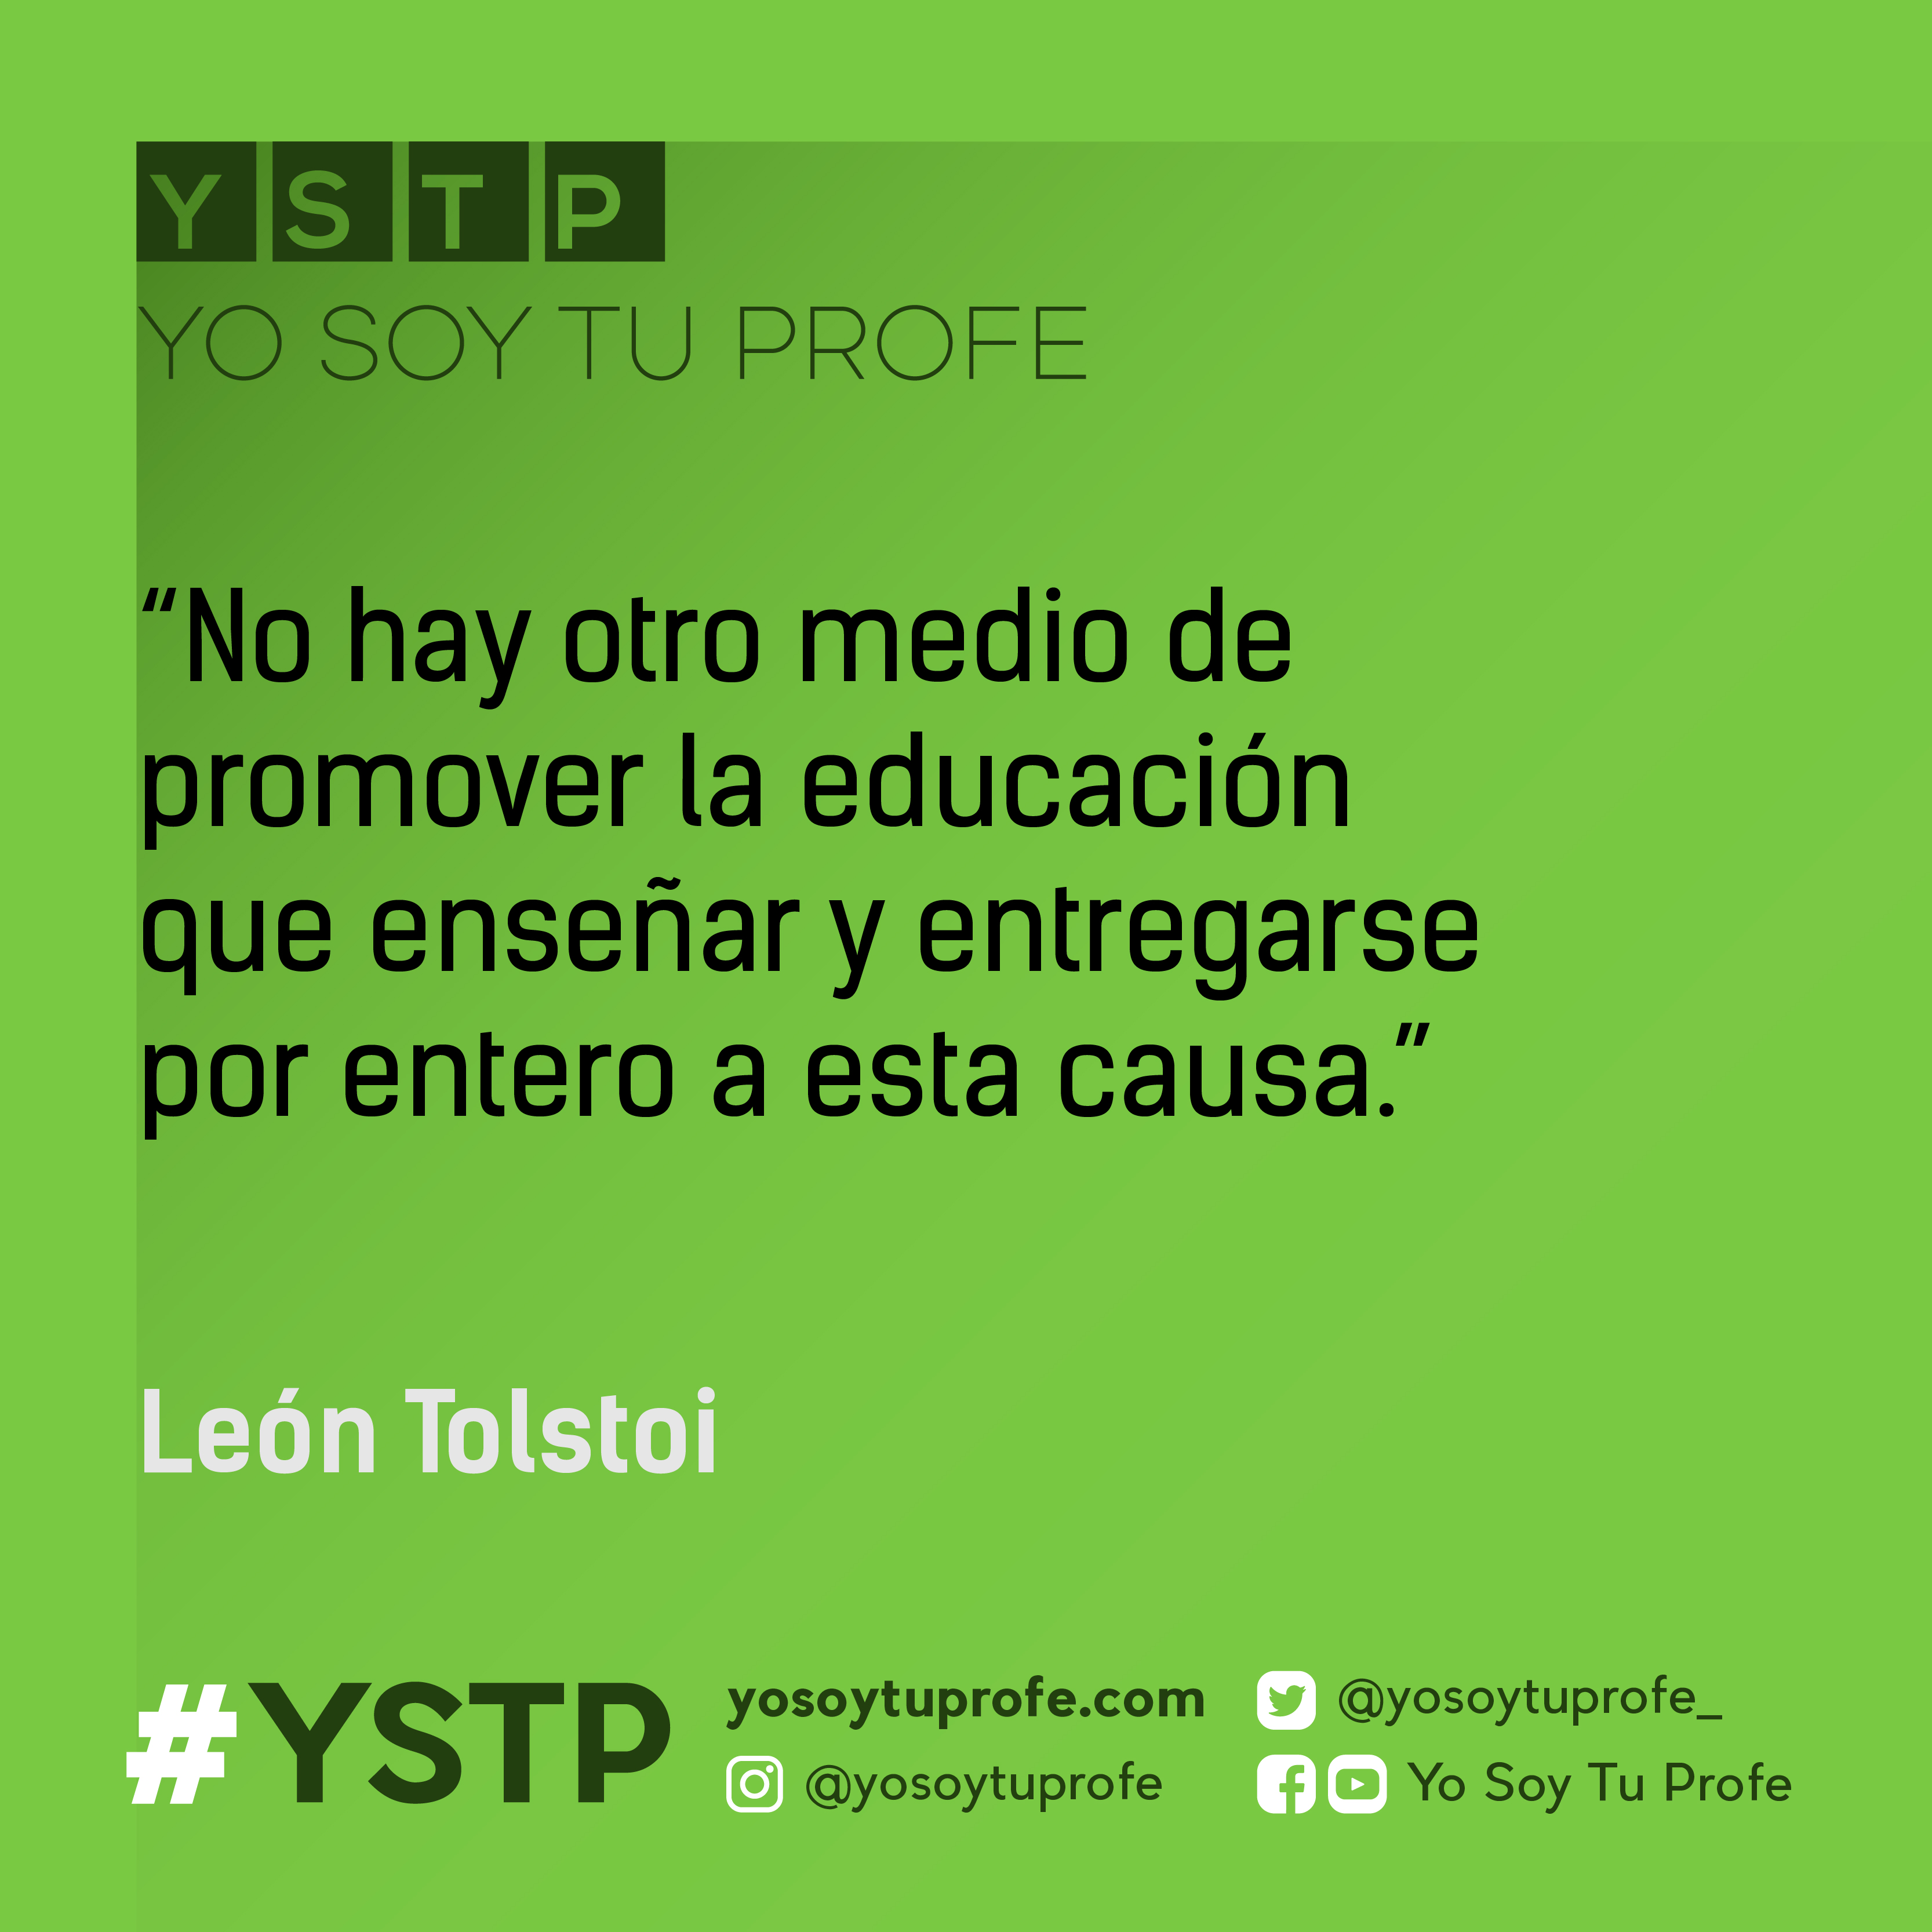 citas de Tolstoi yo soy tu profe